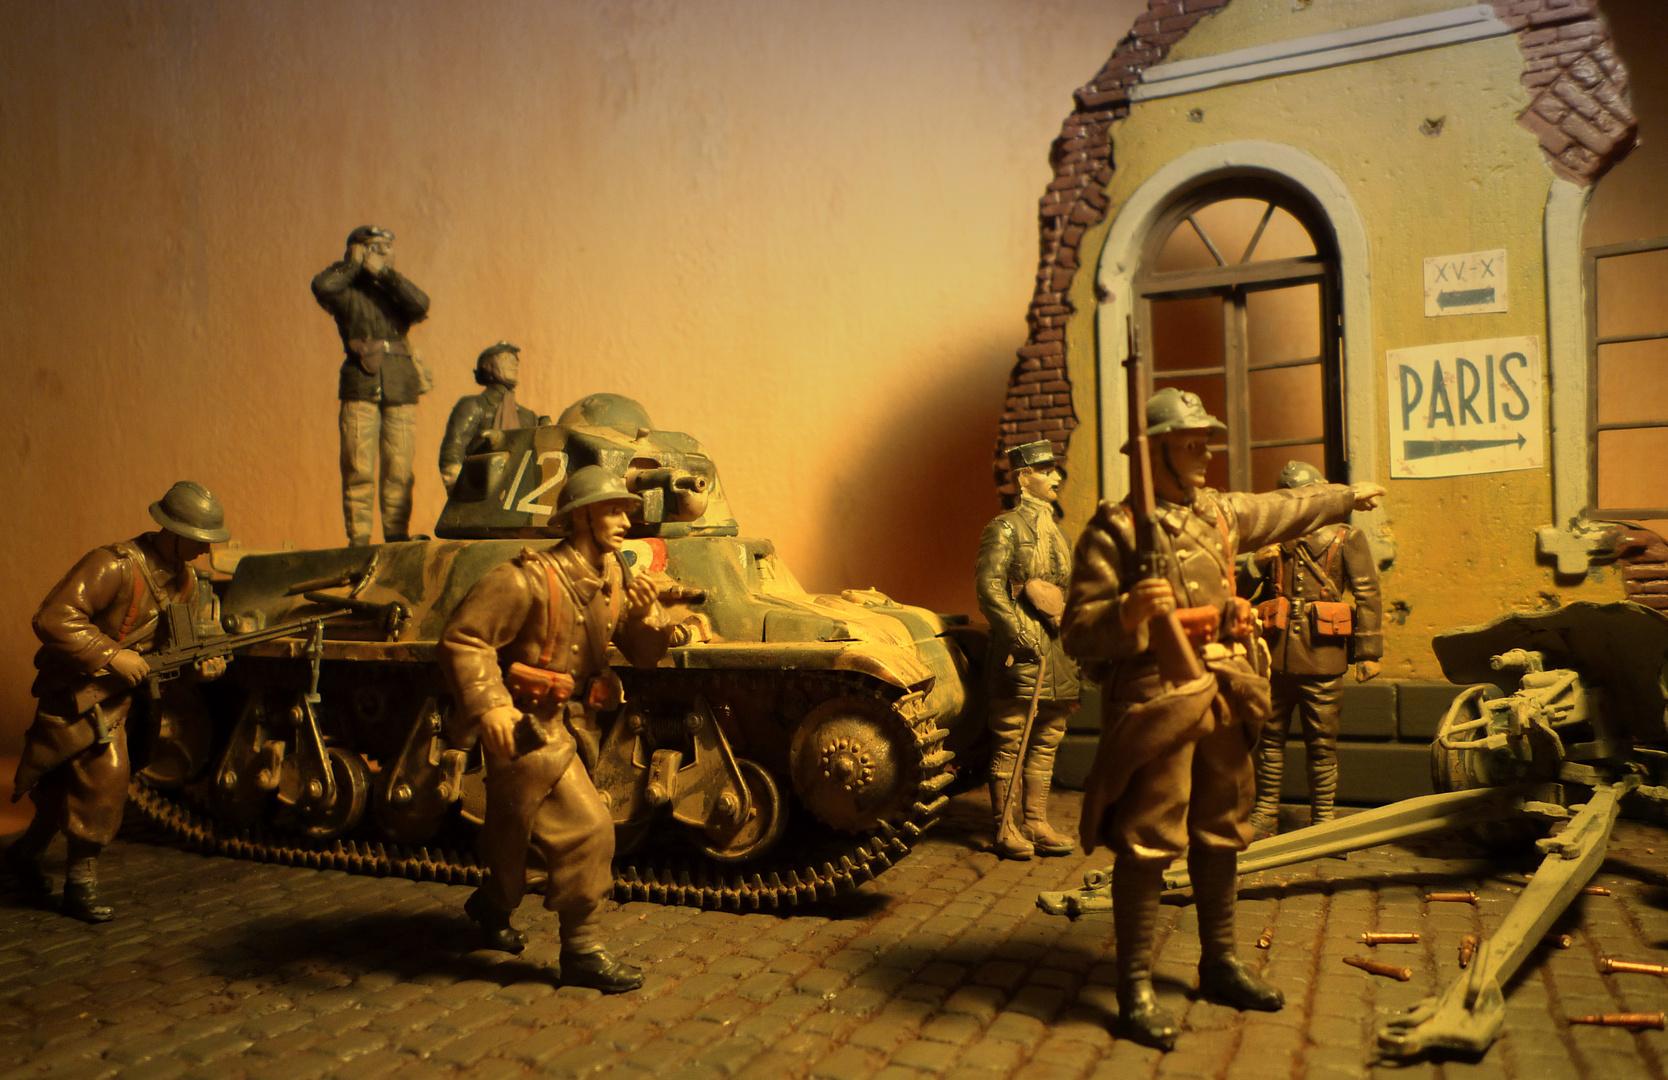 Bataille de Bulson 1940 - Hotchkiss H38